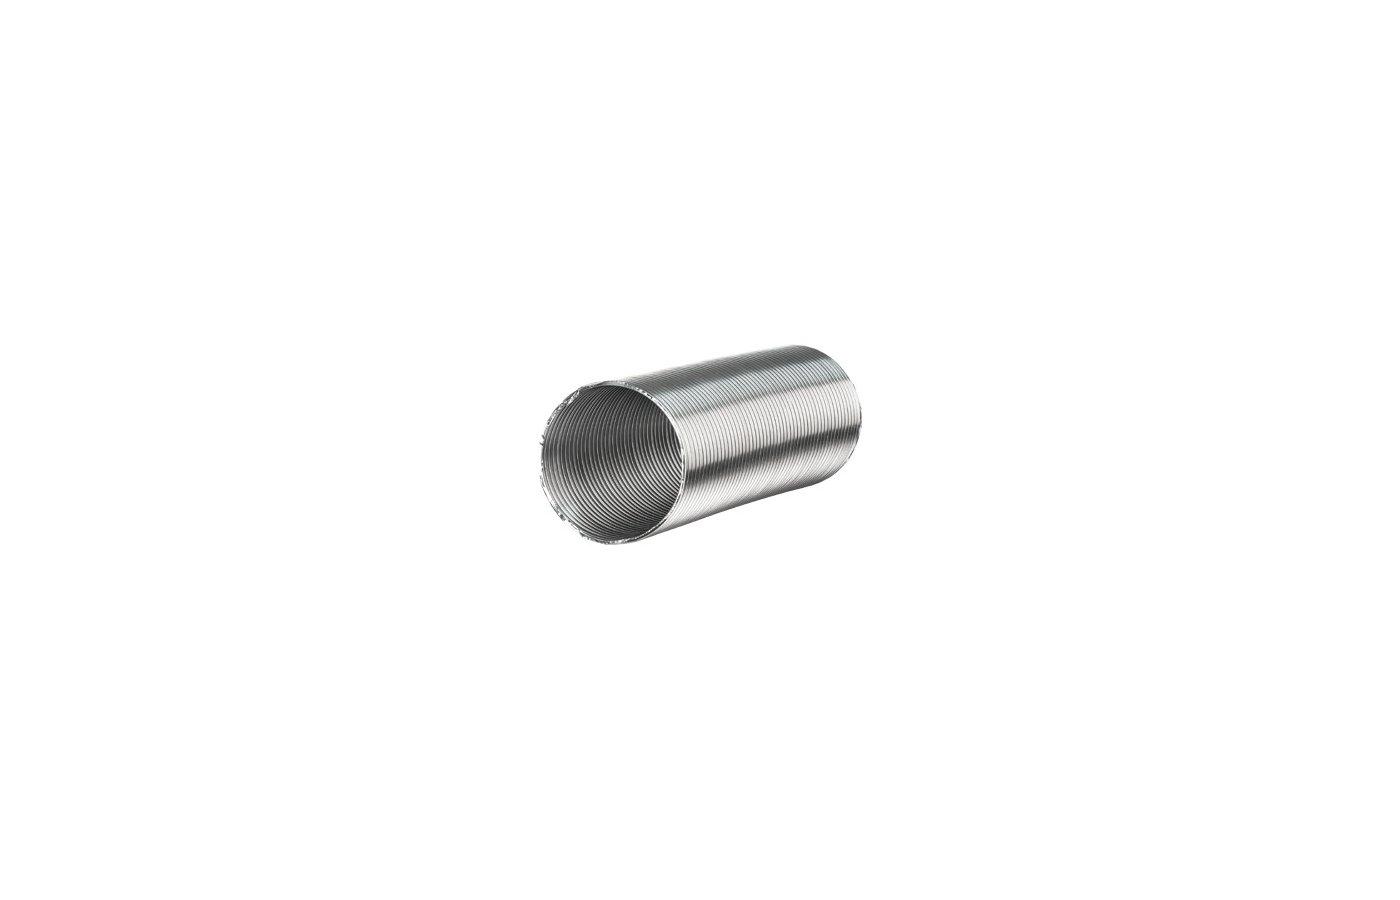 Аксессуар для в/о Воздуховод Алювент алюминиевый D110 мм (1-3м)